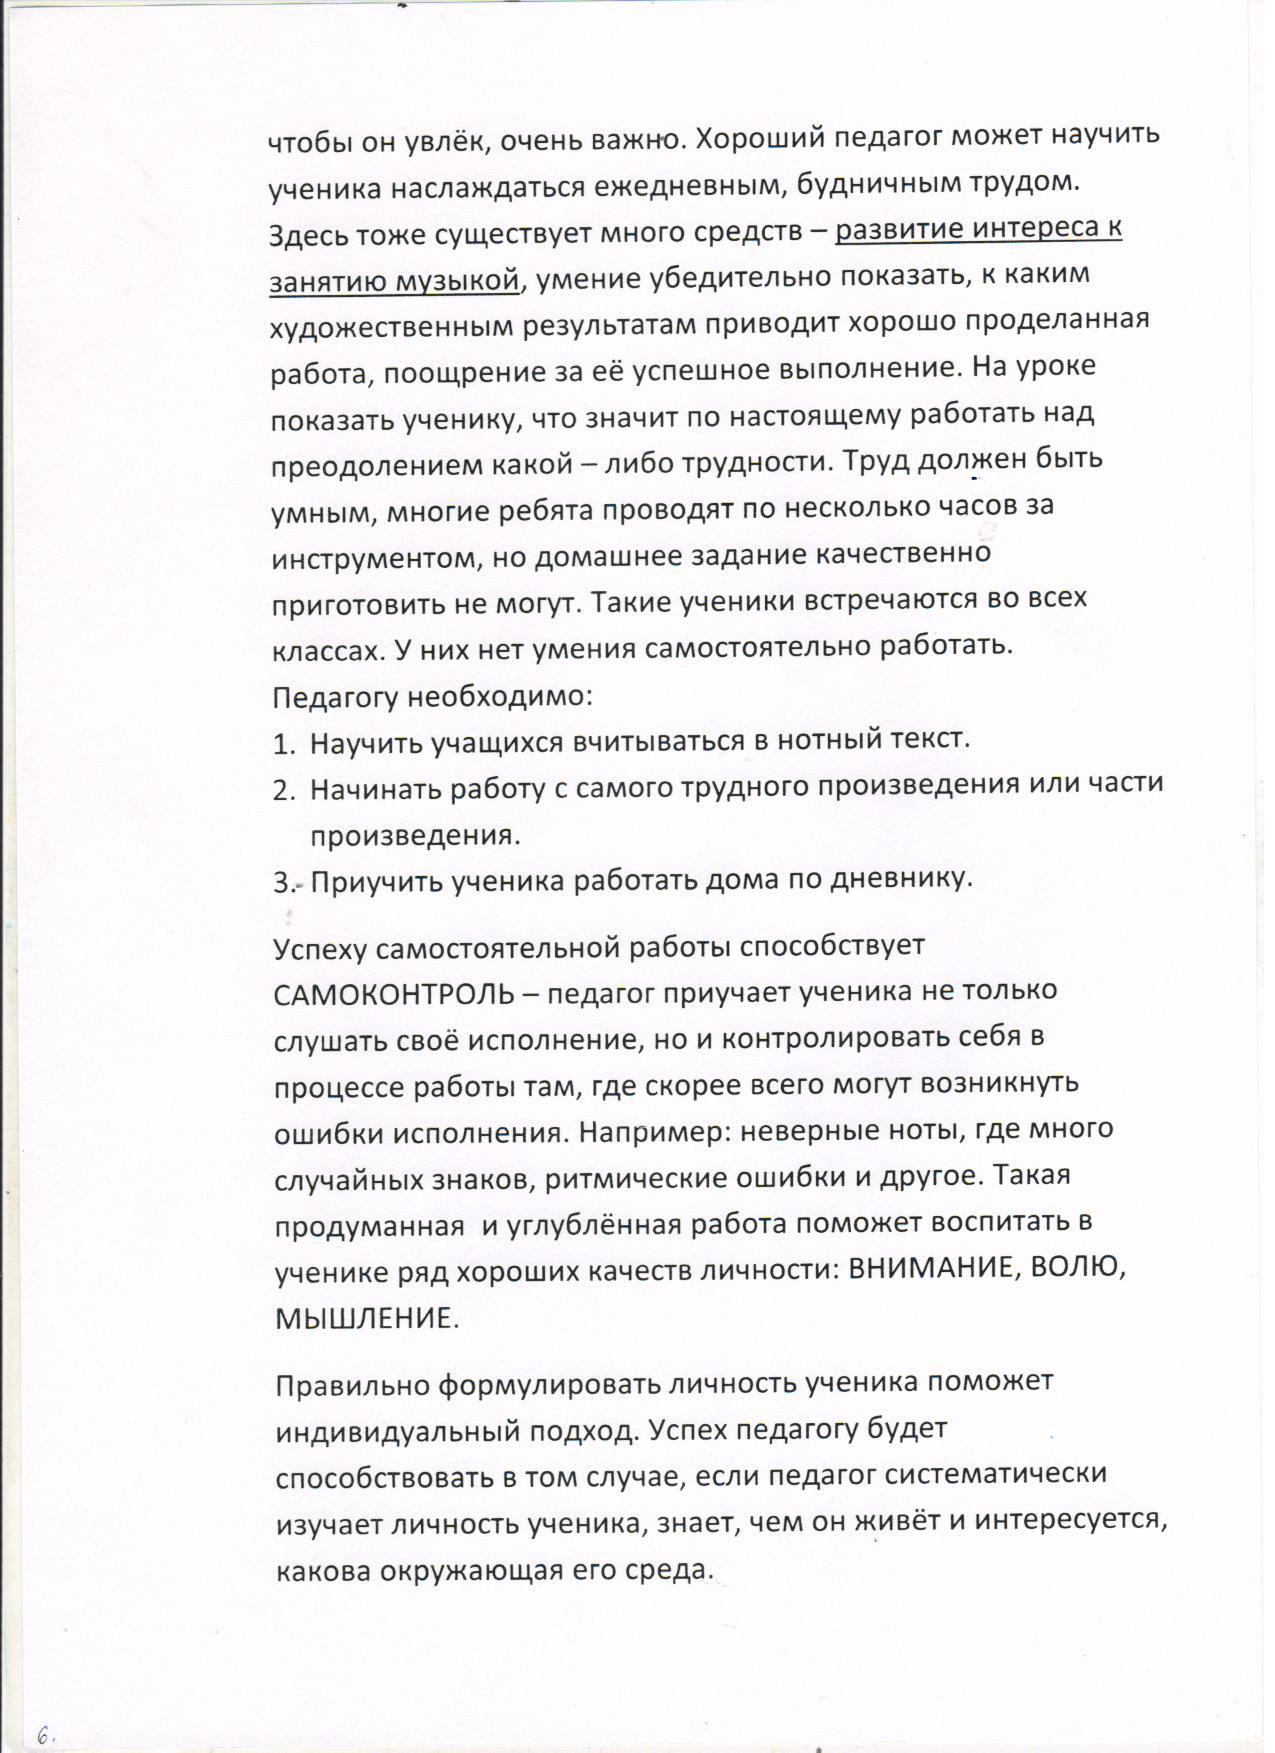 C:\Documents and Settings\Учитель\Рабочий стол\роль преподавателя 7.jpg